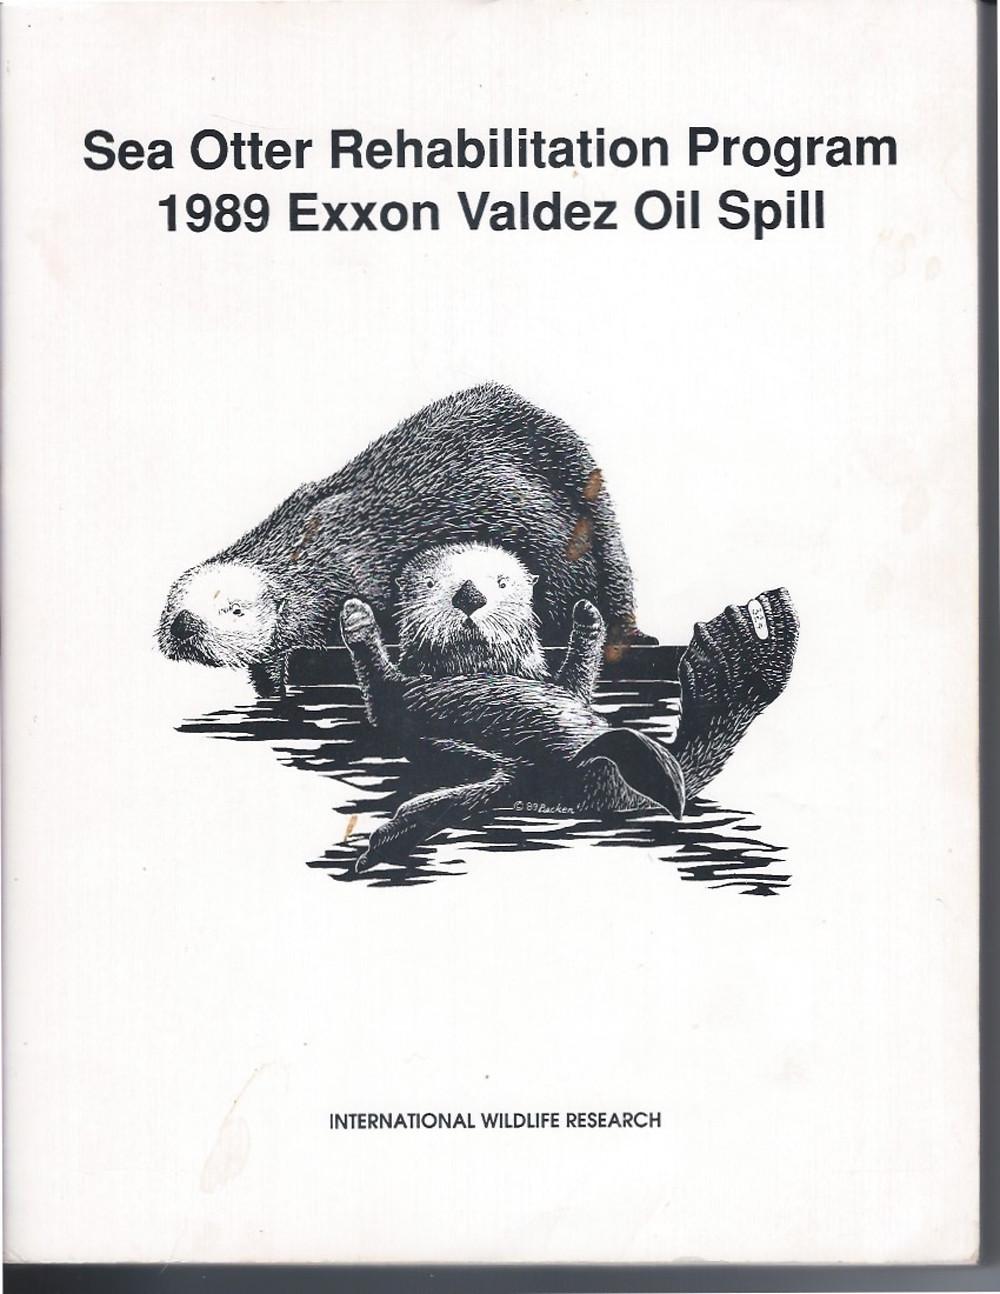 Sea Otter research book.